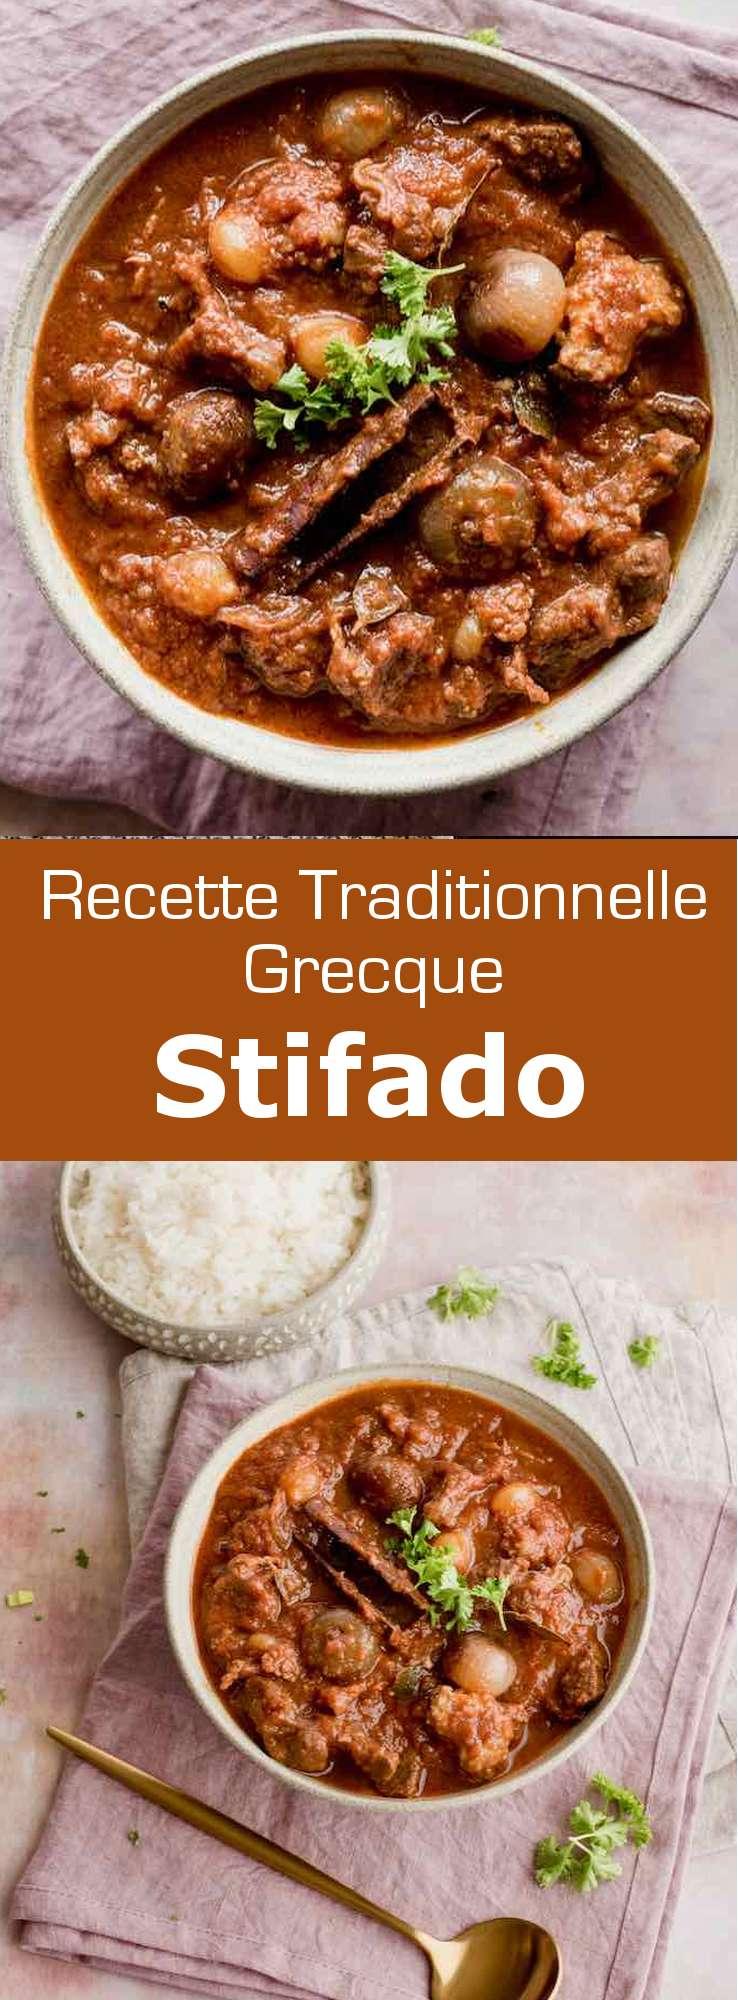 Le stifádo (στιφάδο) est un des plats les plus emblématiques de la cuisine grecque qui peut être comparé à un bœuf bourguignon. #Grece #RecetteGrecque #CuisineGrecque #CuisineMediterraneenne #CuisineDuMonde #196flavors